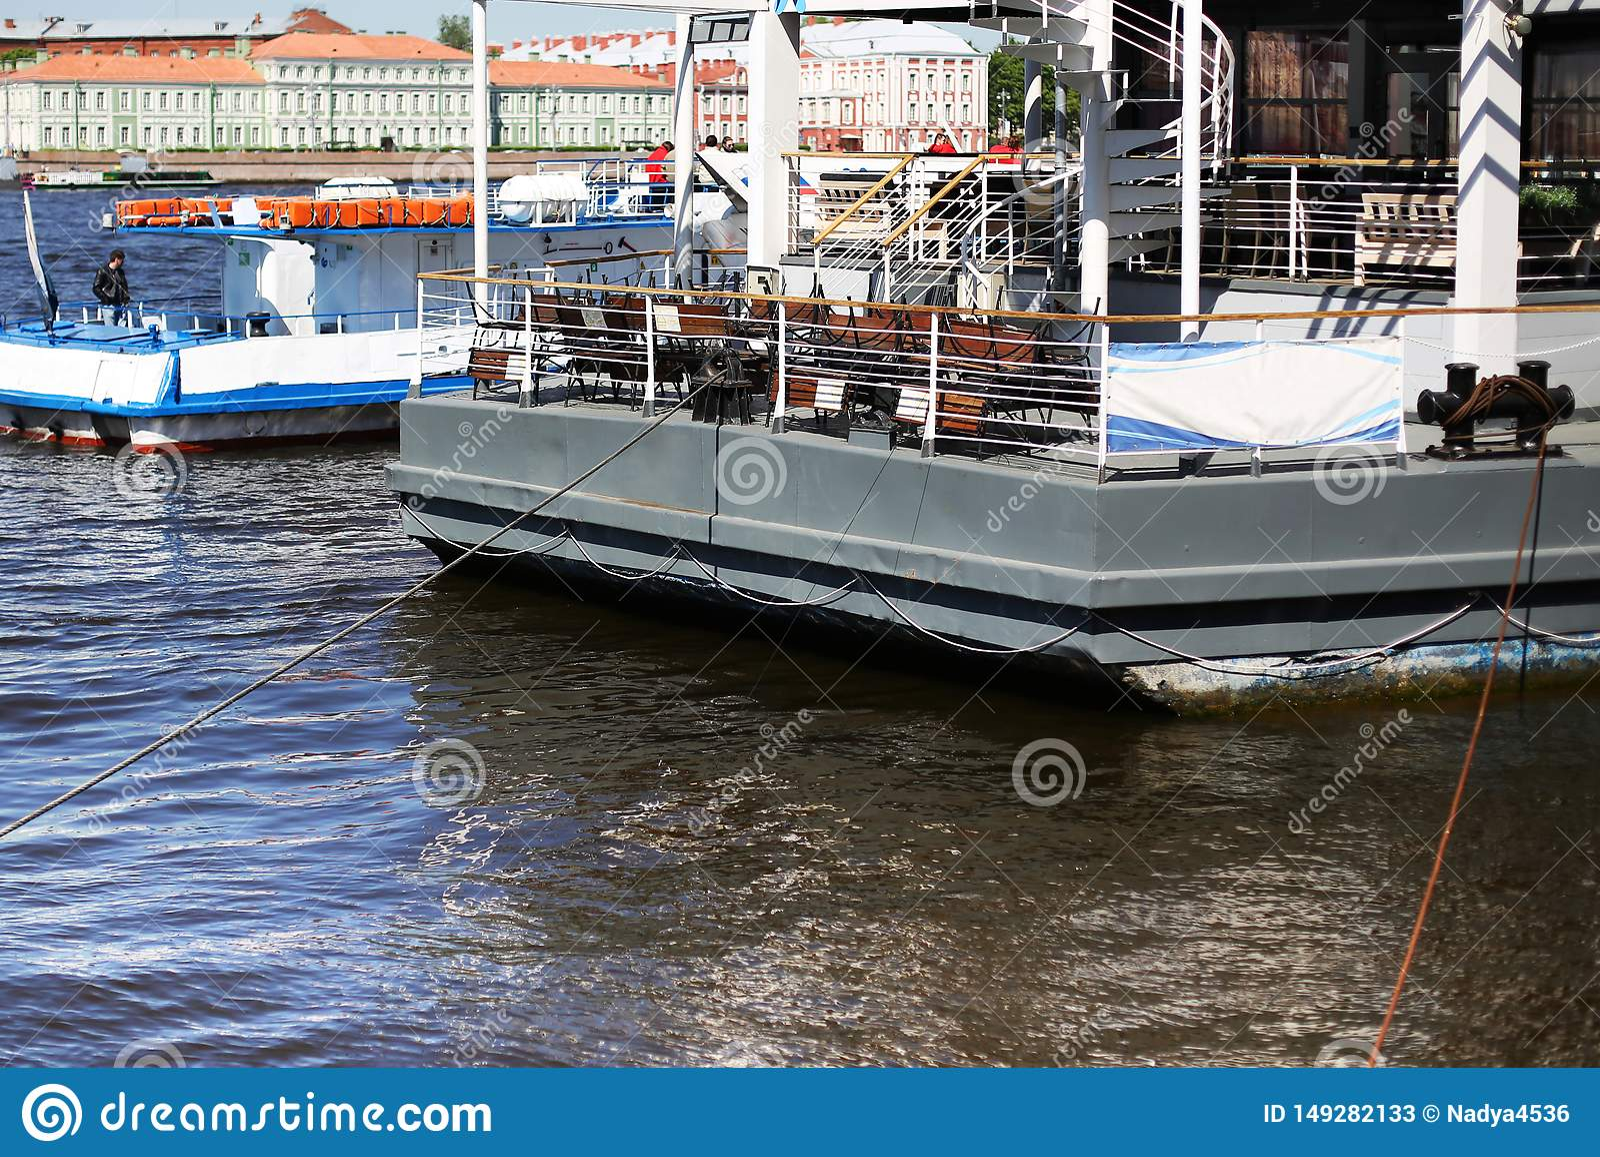 Το σκάφος στο λιμένα περιμένει την προσγείωση